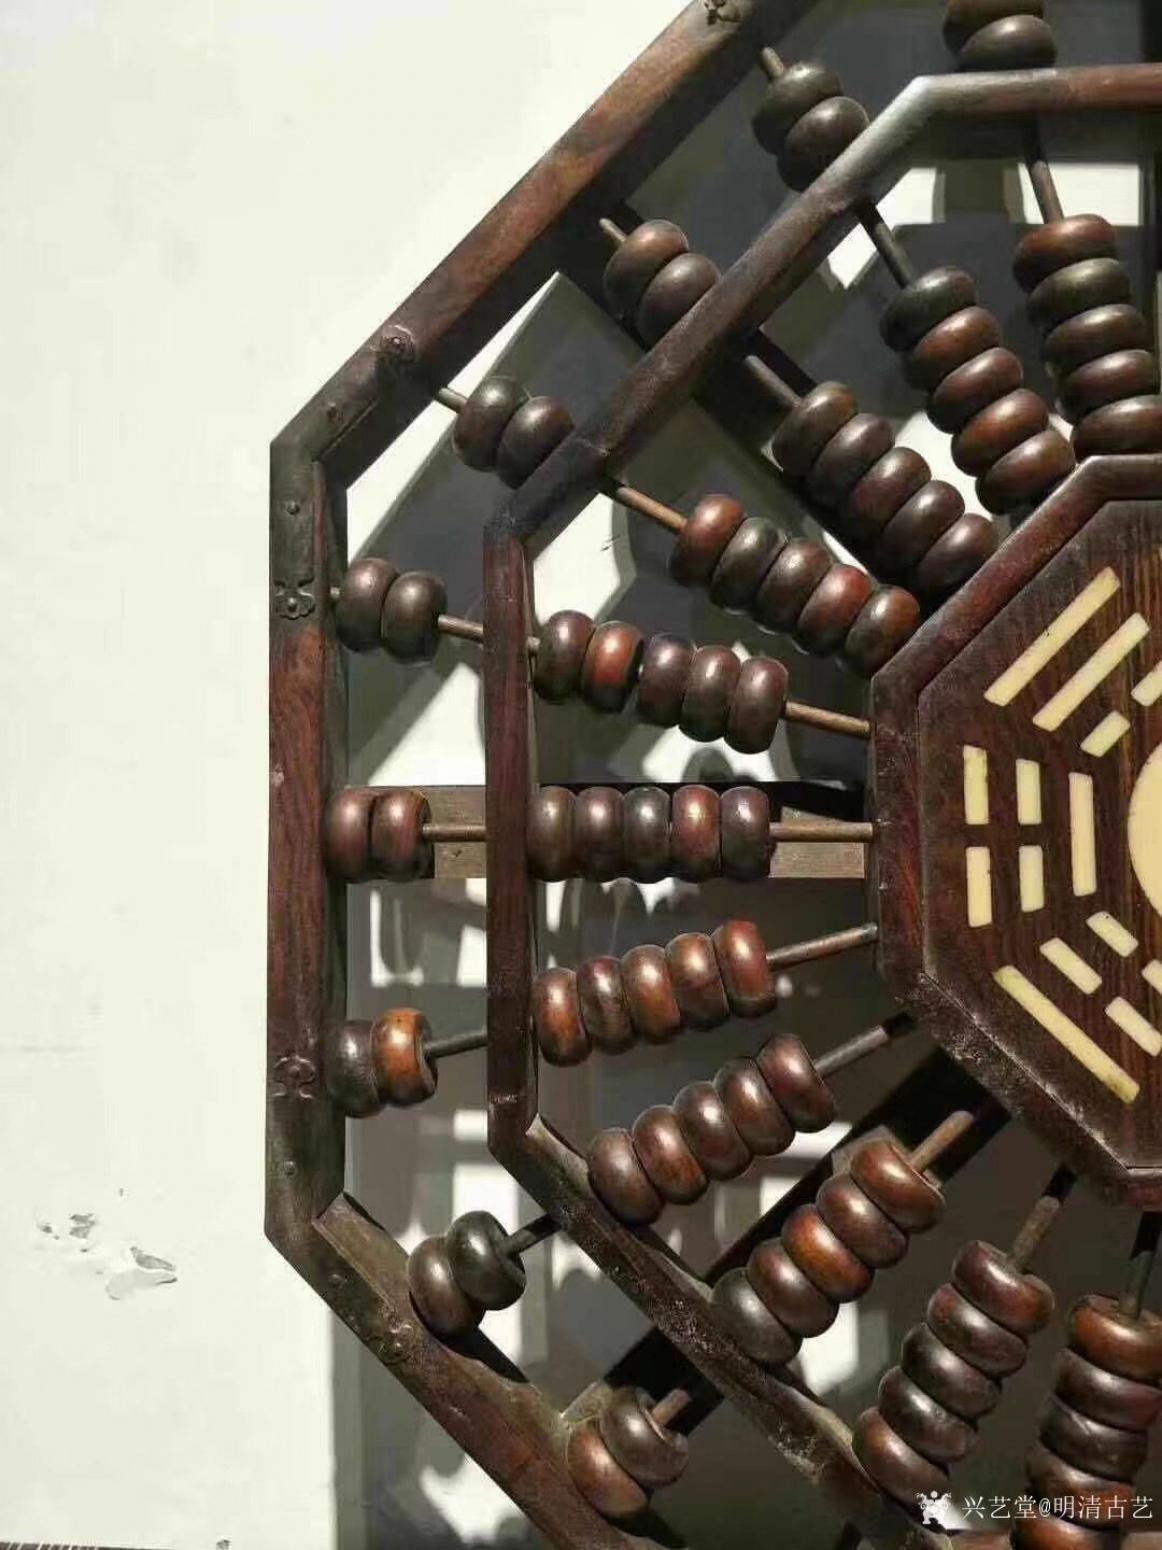 明清古艺文玩杂项作品《民国红木八卦算盘》【图0】